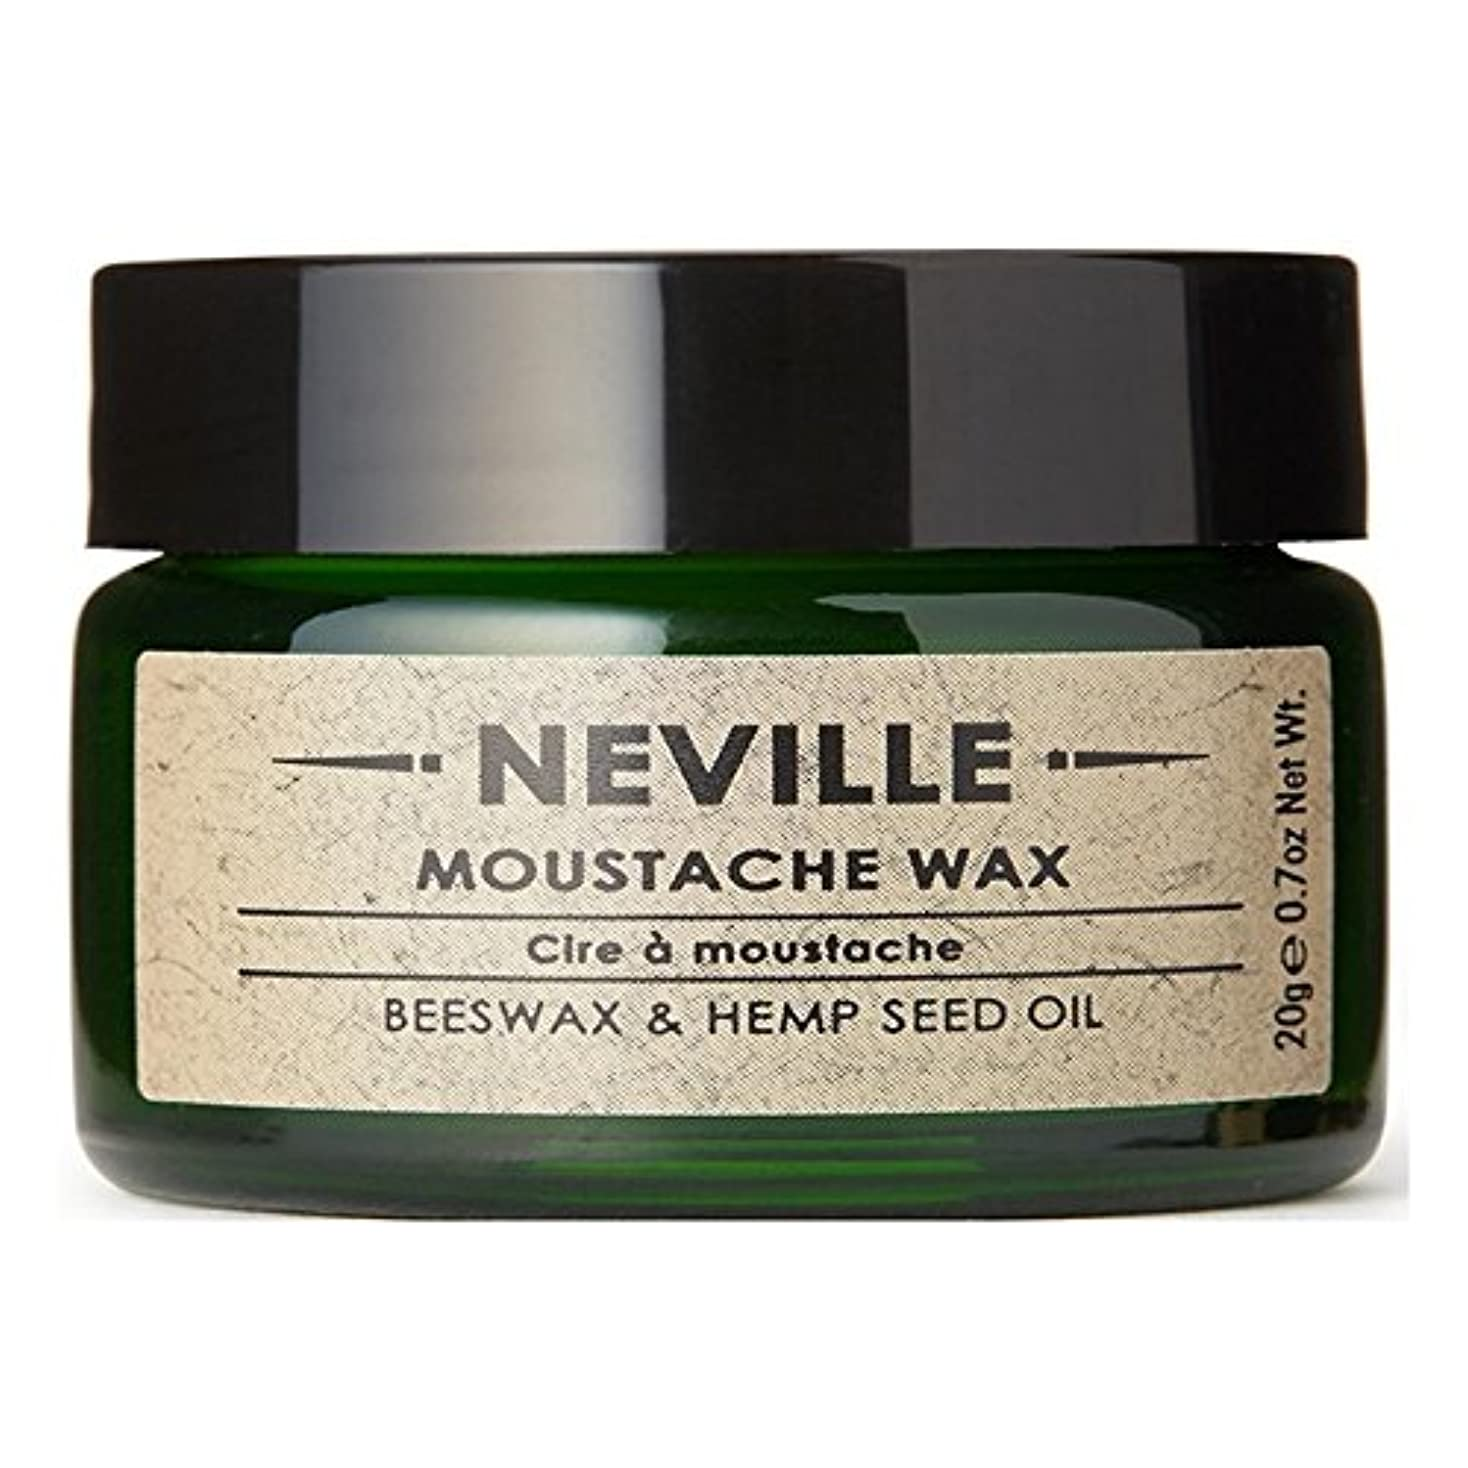 列車大聖堂ウェイドネビル口ひげワックス x2 - Neville Moustache Wax (Pack of 2) [並行輸入品]